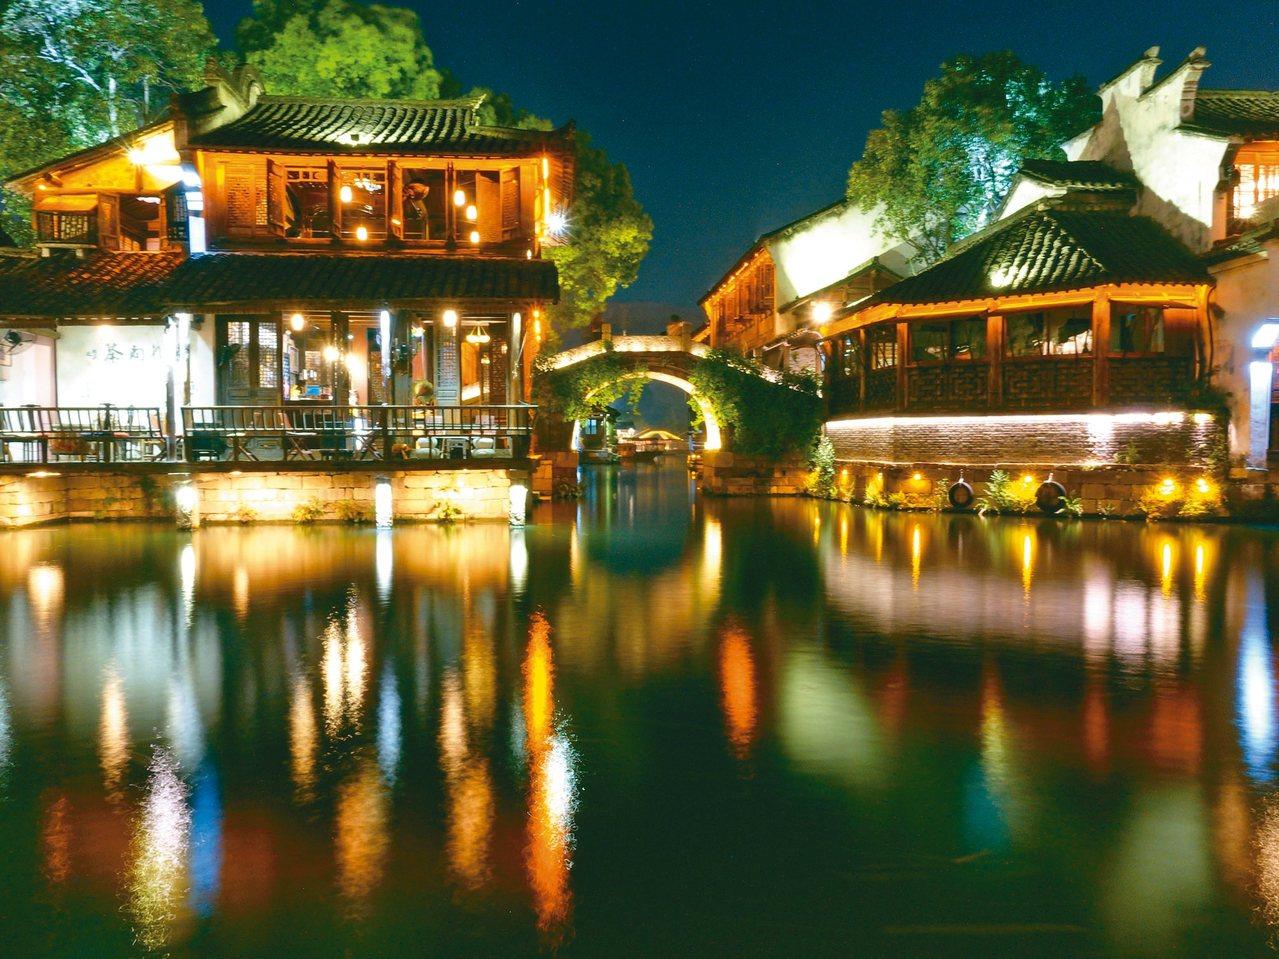 第六屆世界互聯網大會將在浙江省嘉興市烏鎮舉行。圖為烏鎮夜景。 (中新社)